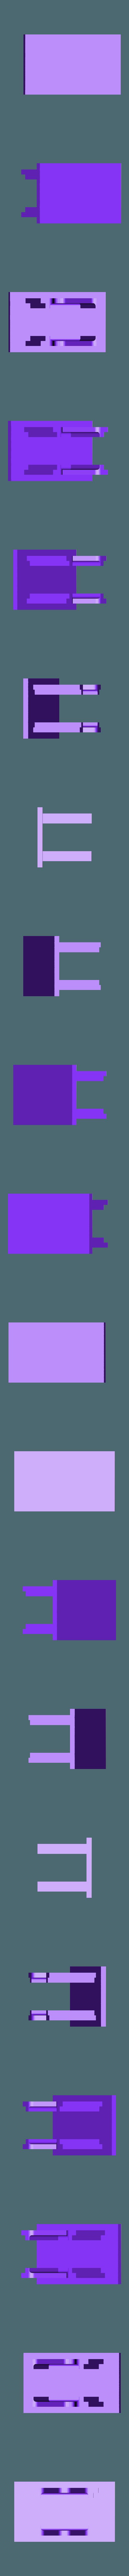 Lid.stl Télécharger fichier STL gratuit Boîte de casse-tête combinée • Modèle à imprimer en 3D, mtairymd